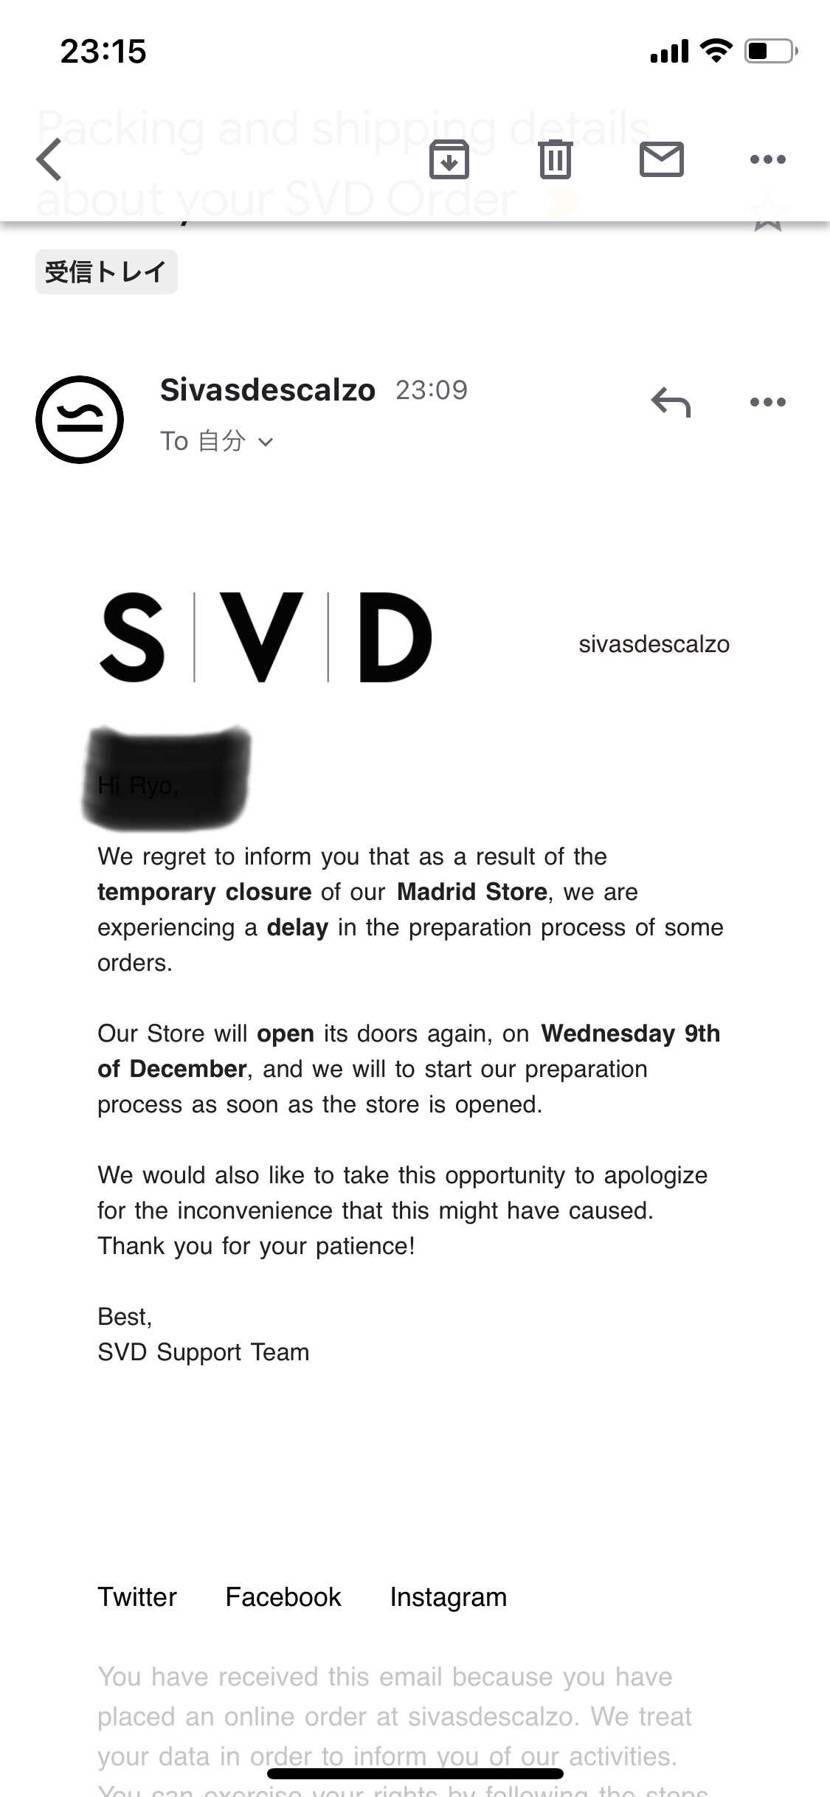 SVDでAJ1midが当たりましたが、結構掛かりそうですね。マドリッドのお店が閉